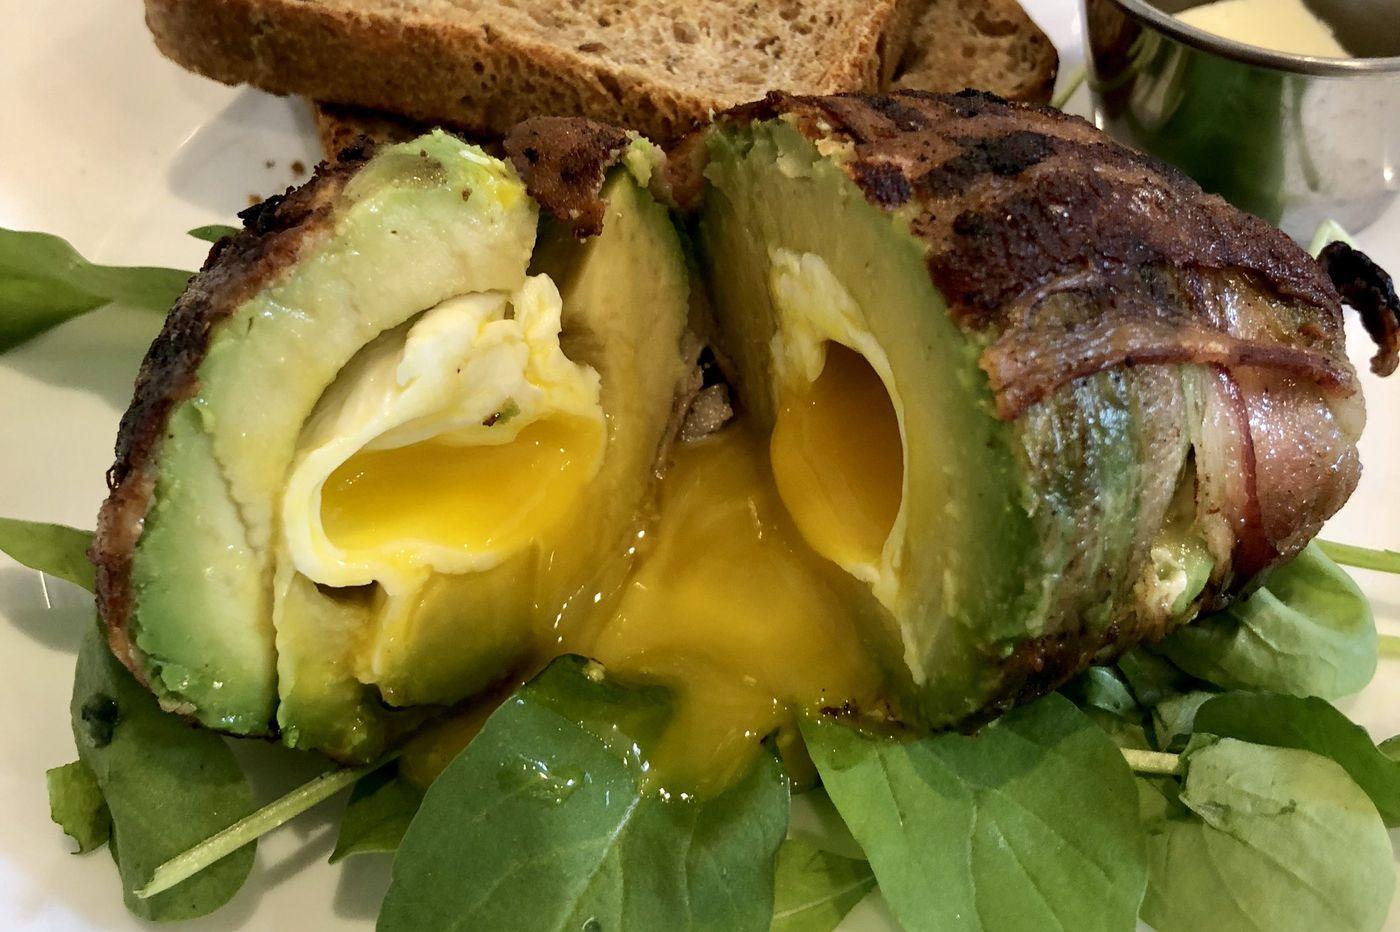 Egging them on in Fishtown | Let's Eat